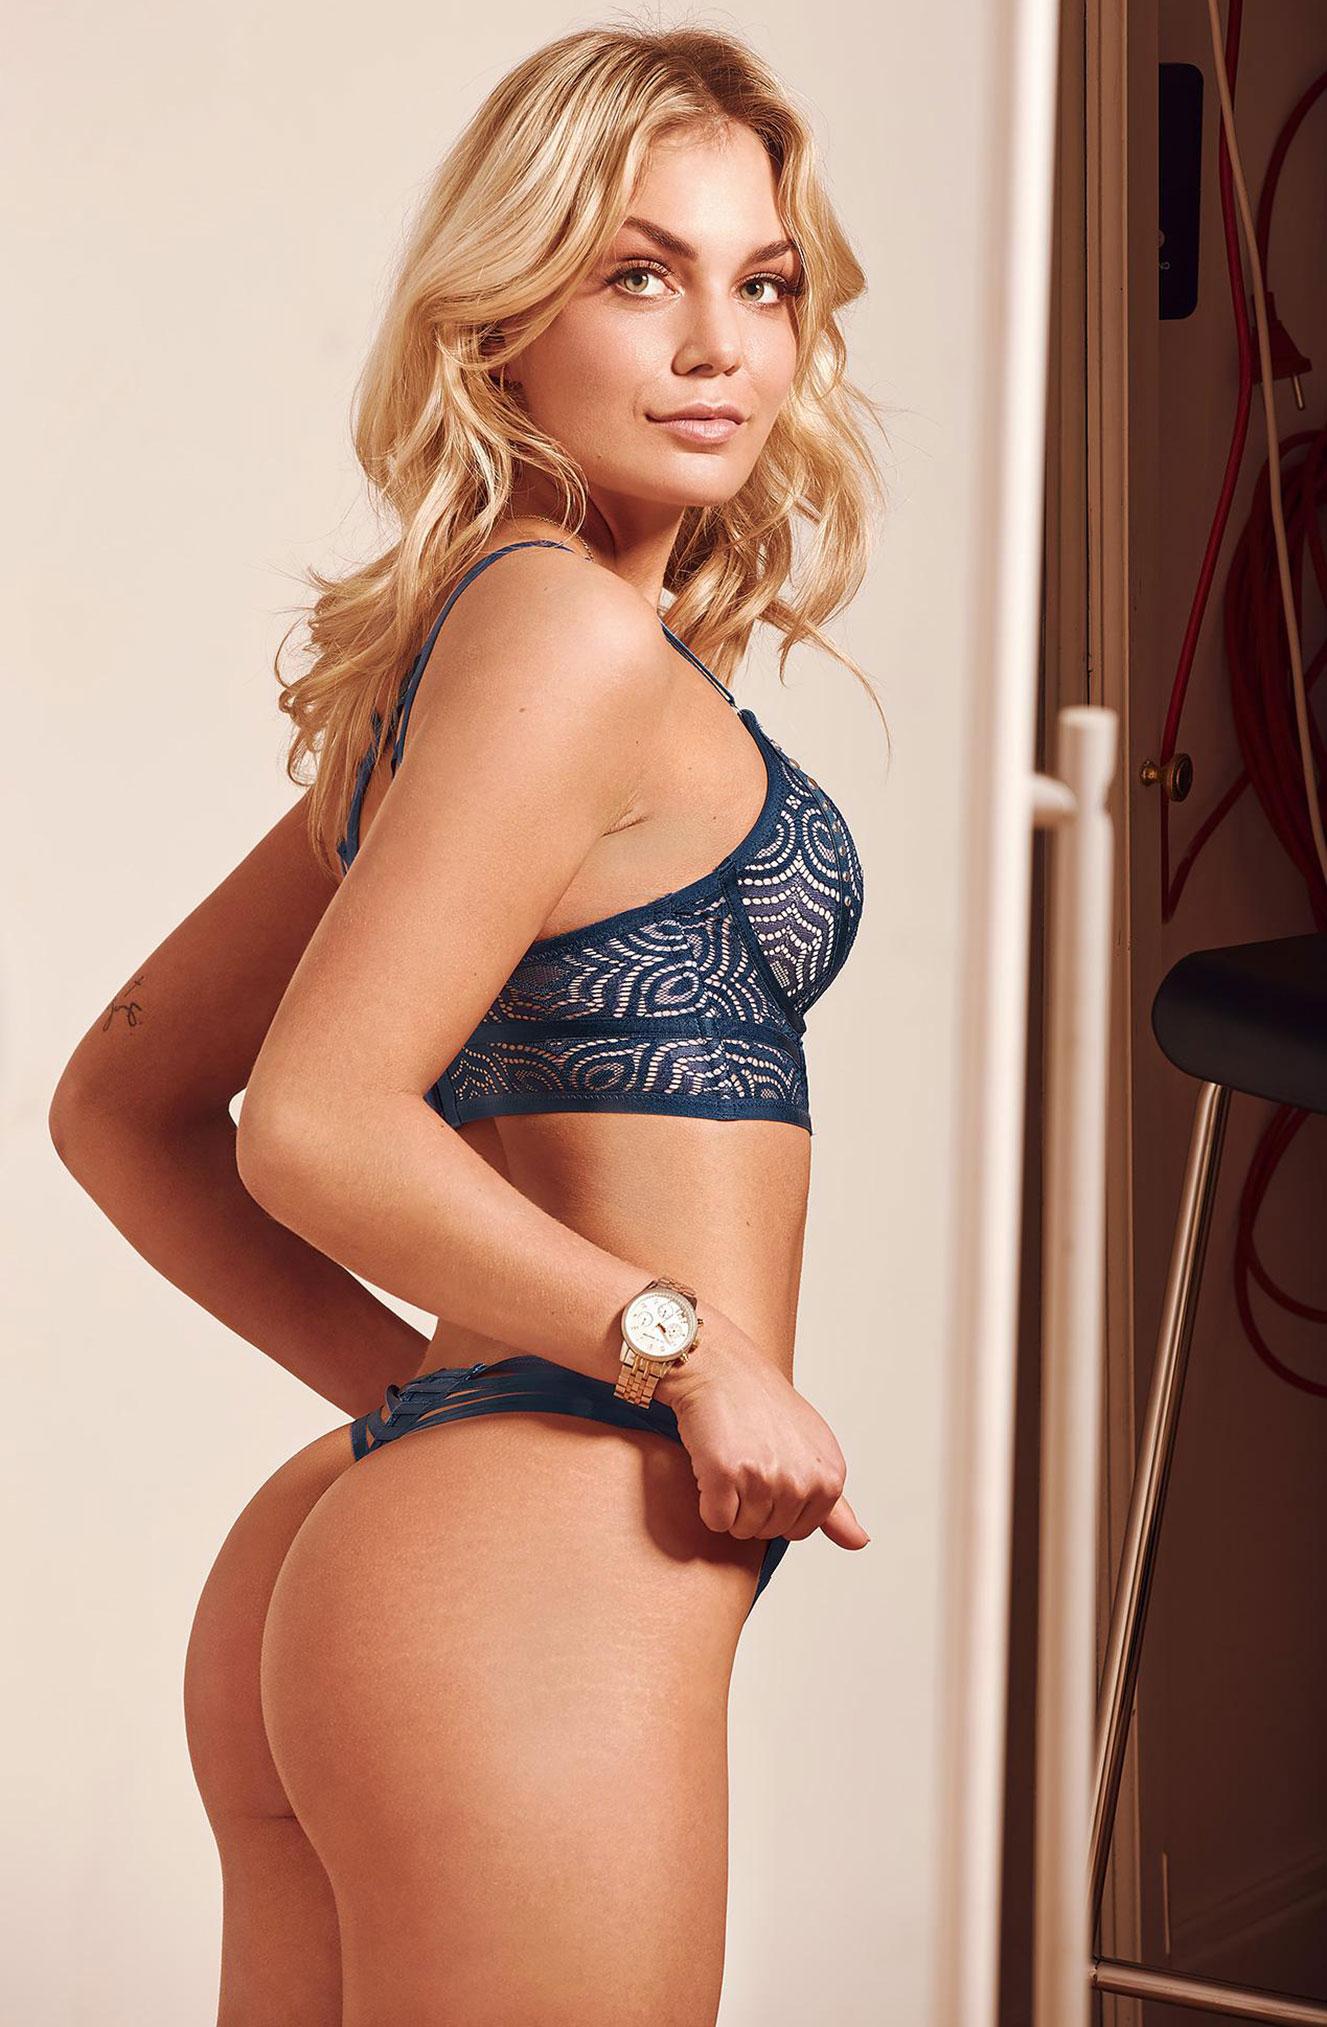 блондинка в винтажных интерьерах / фото 14